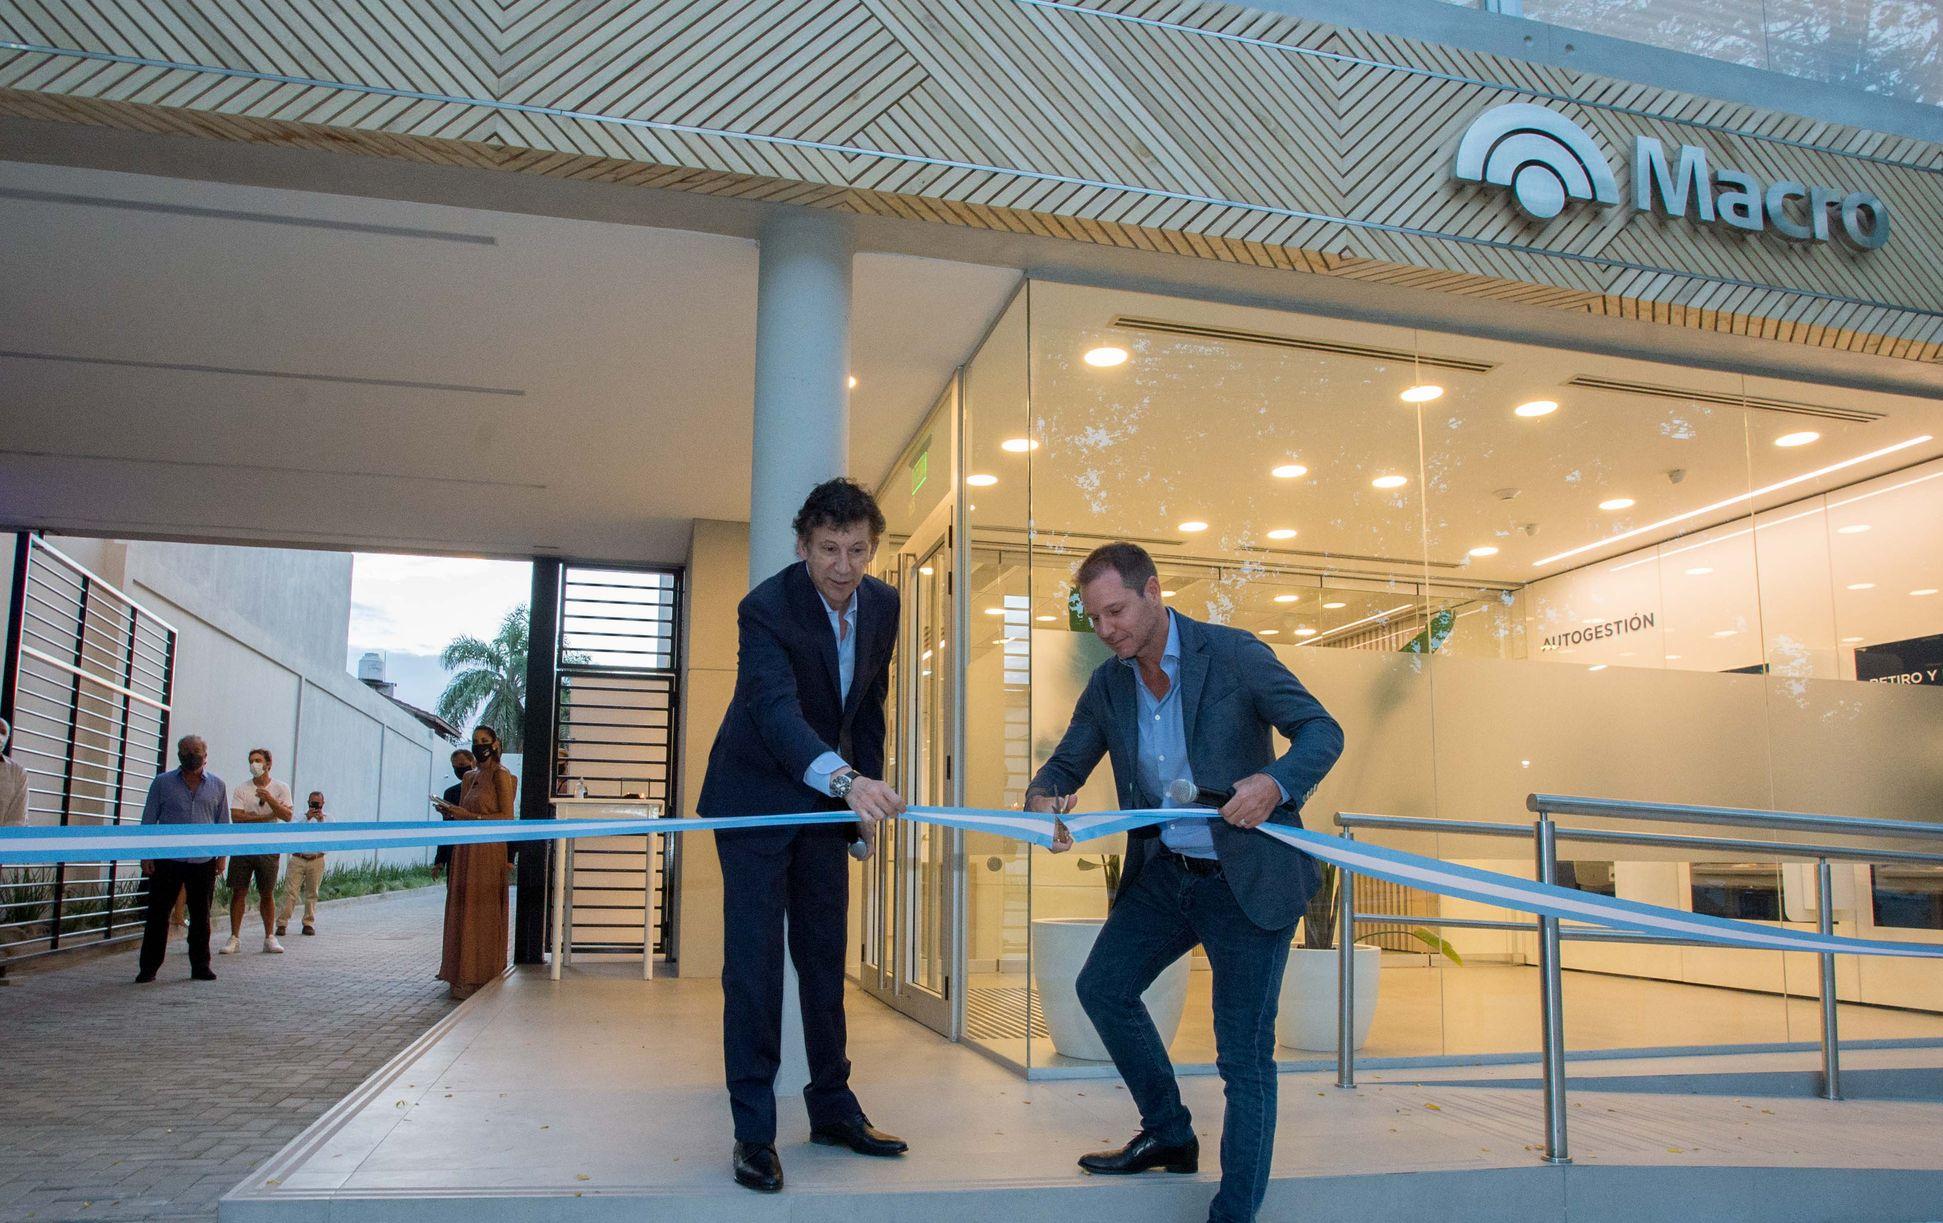 En San Isidro, Banco Macro propone una nueva experiencia